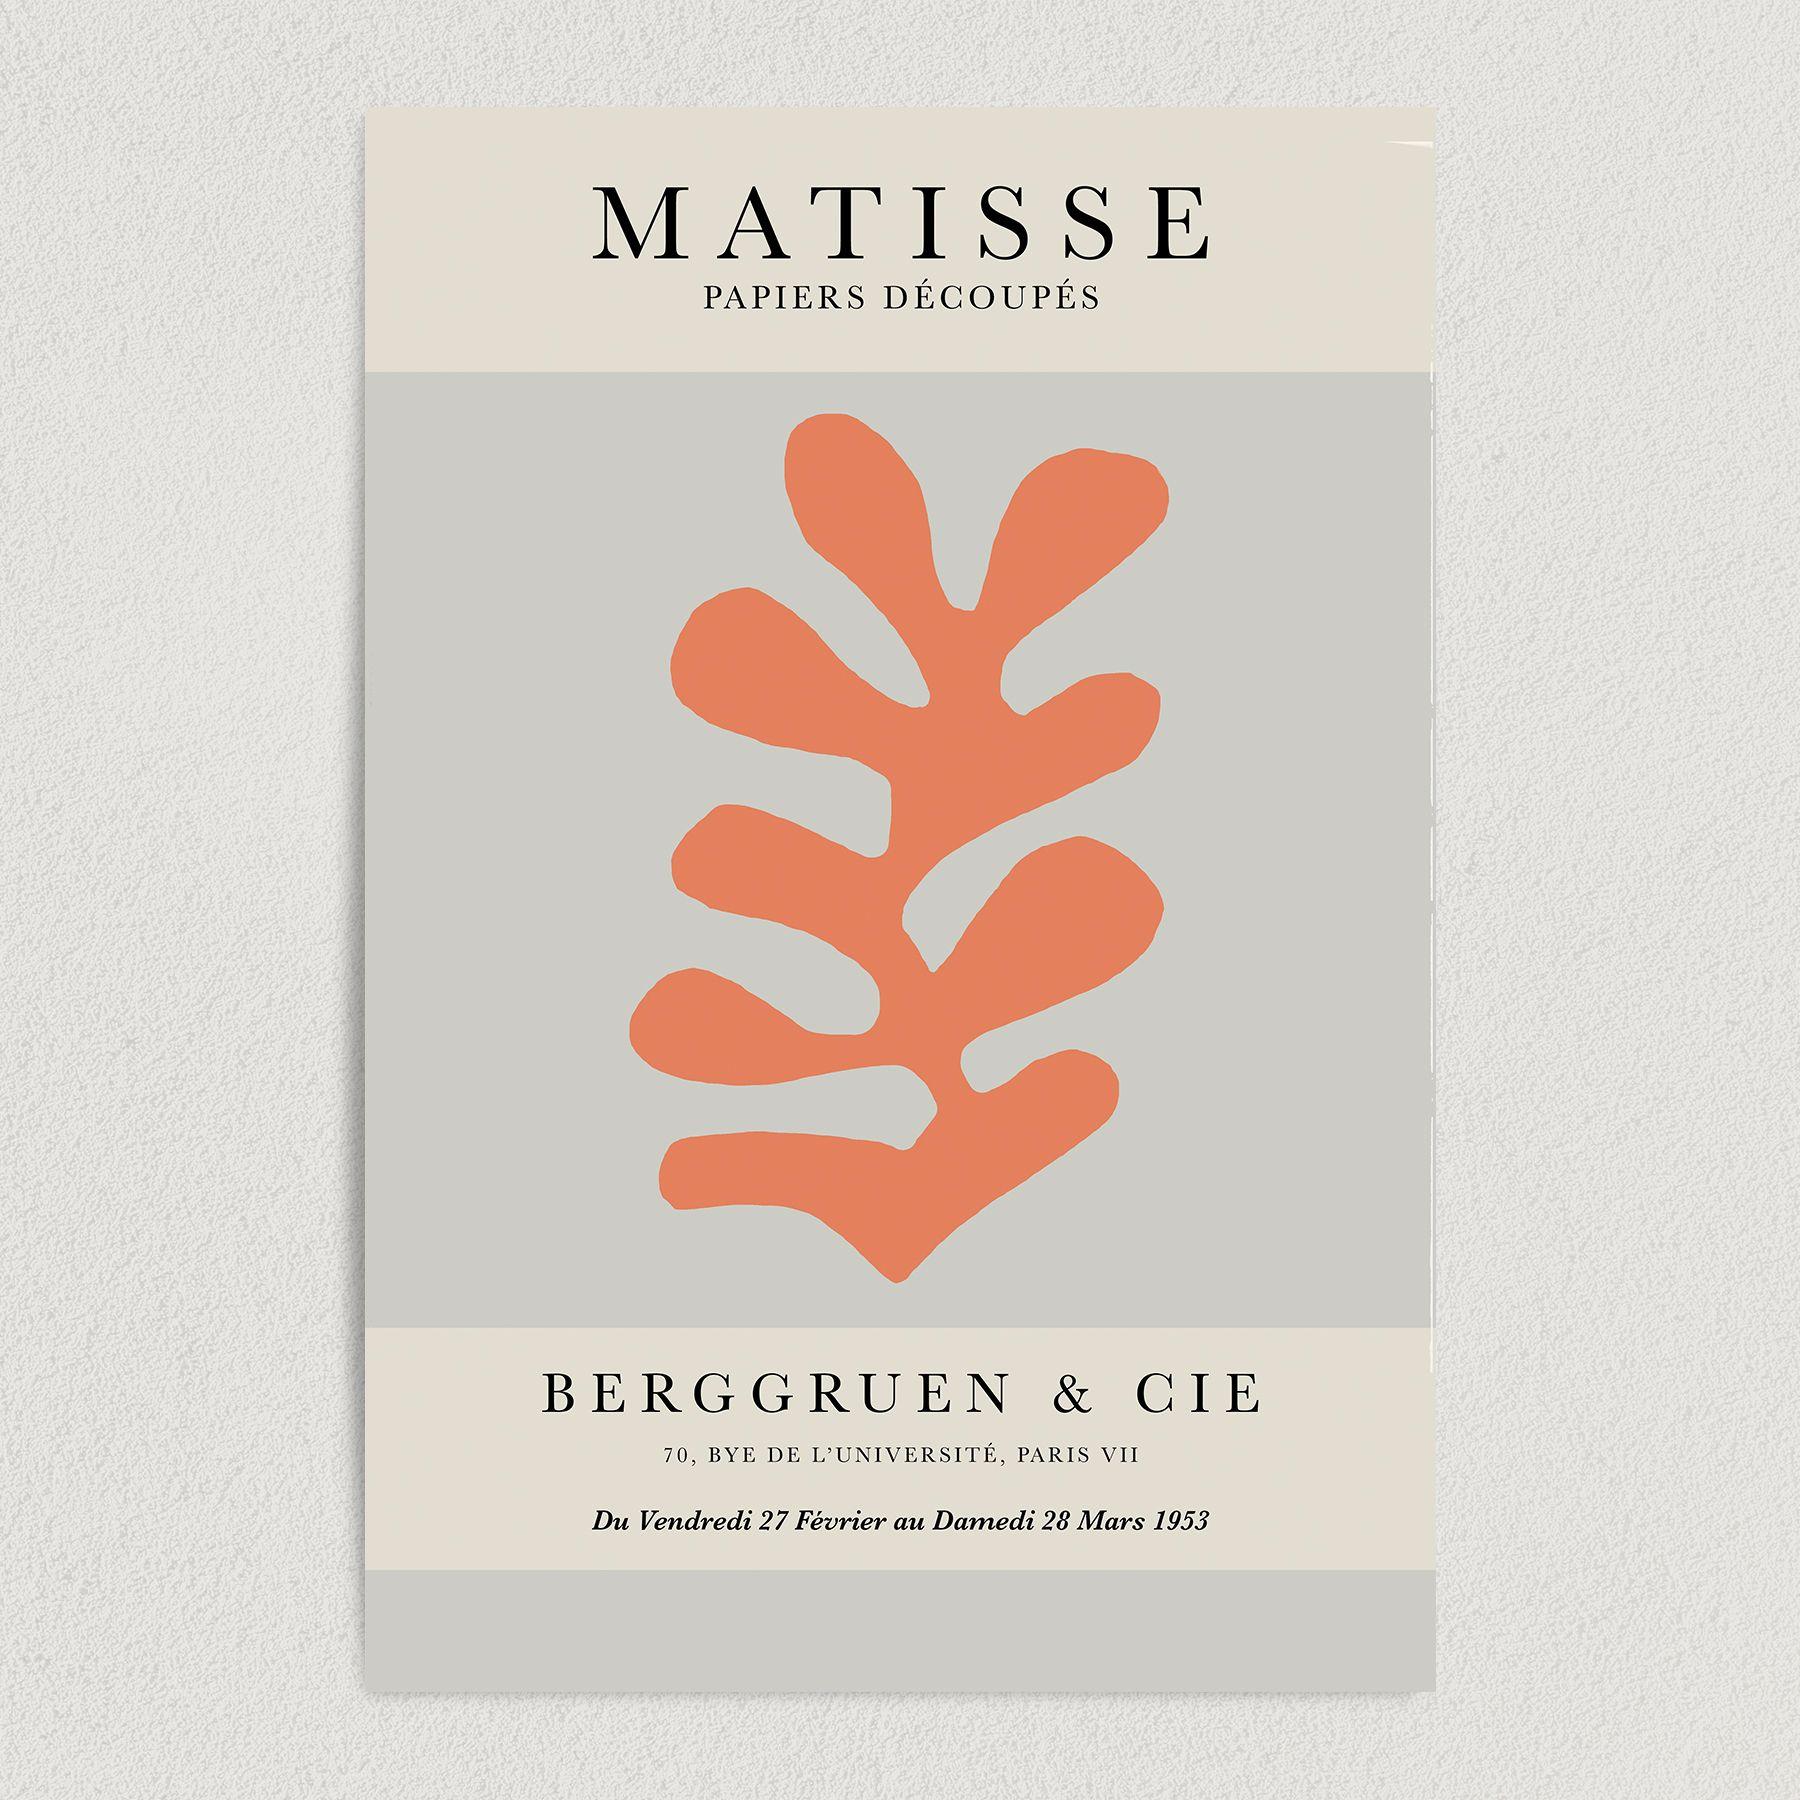 Henri Matisse Papiers Découpés Berggruen & Cie Modern Art Print Poster 12″ x 18″ Wall Art AA2133